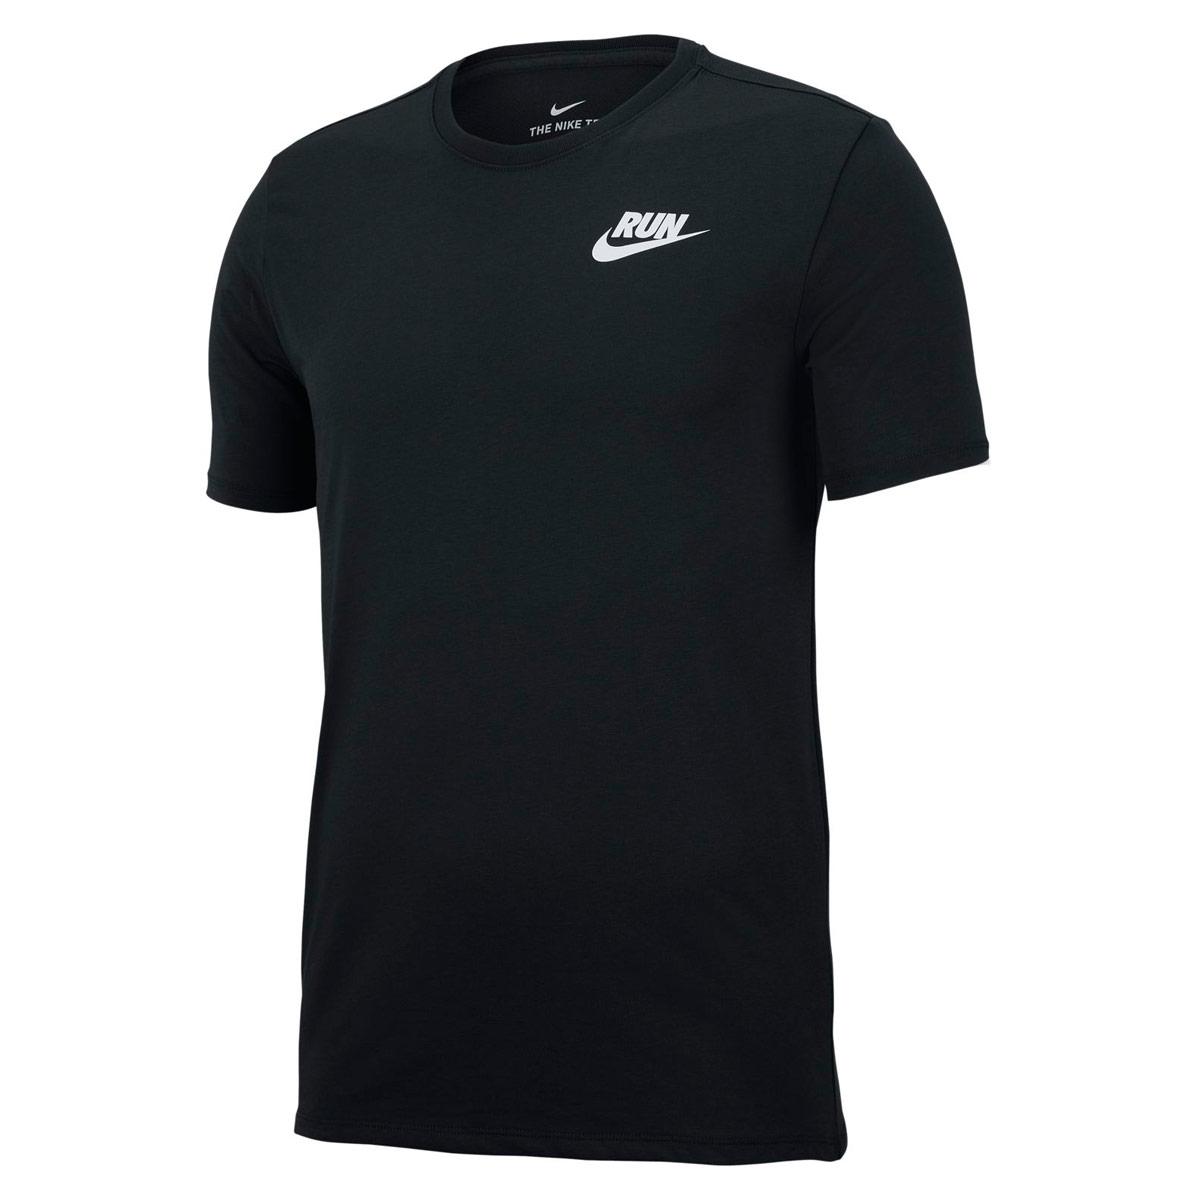 cc89c22597cd Nike Dry Running T-Shirt - Running tops for Men - Black